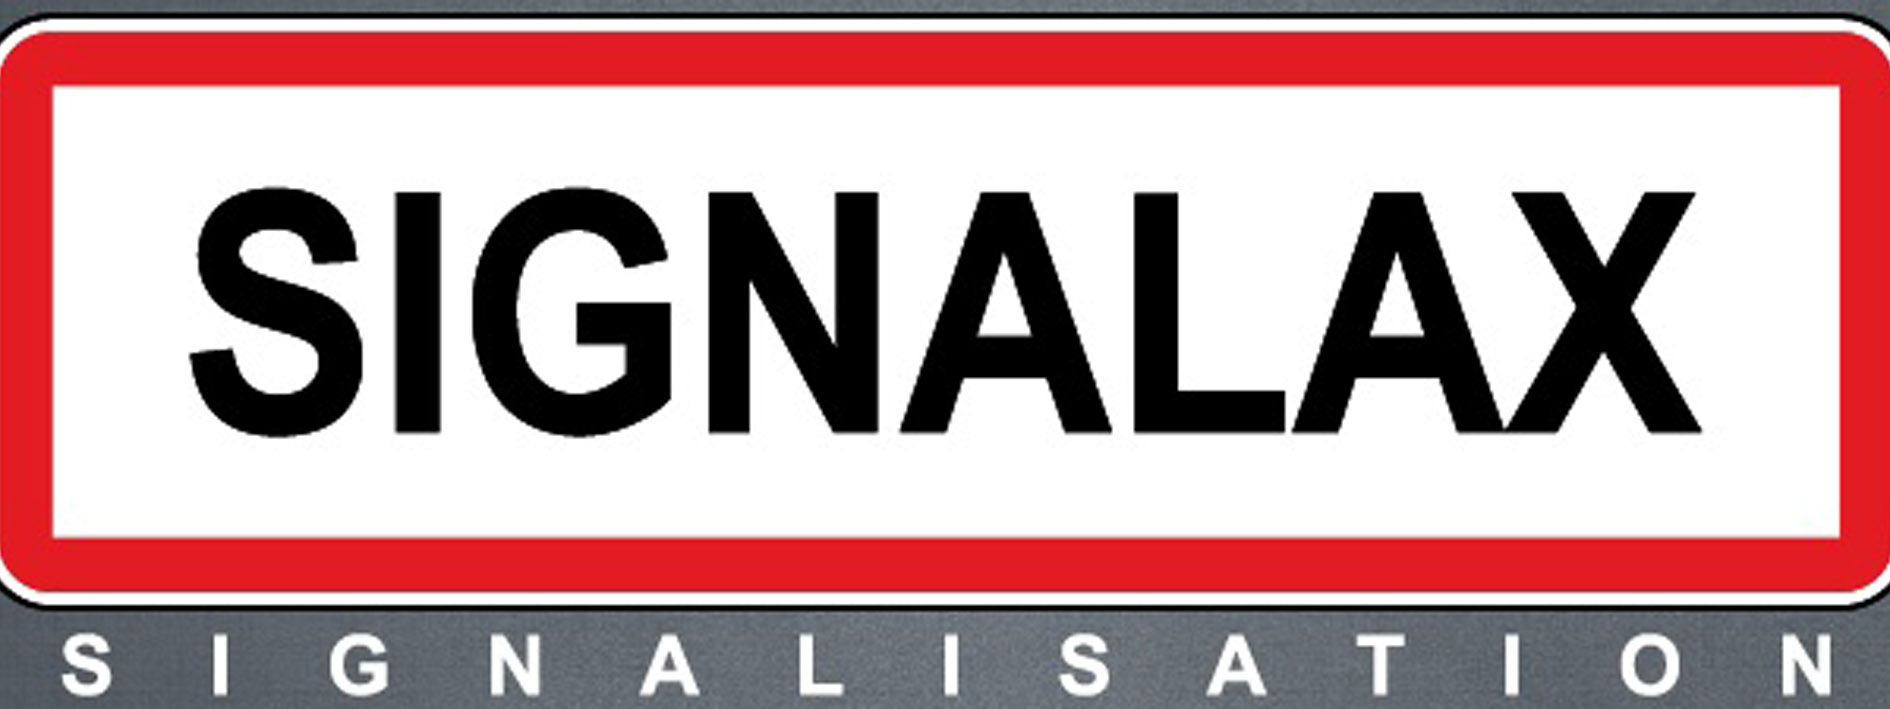 Signalax